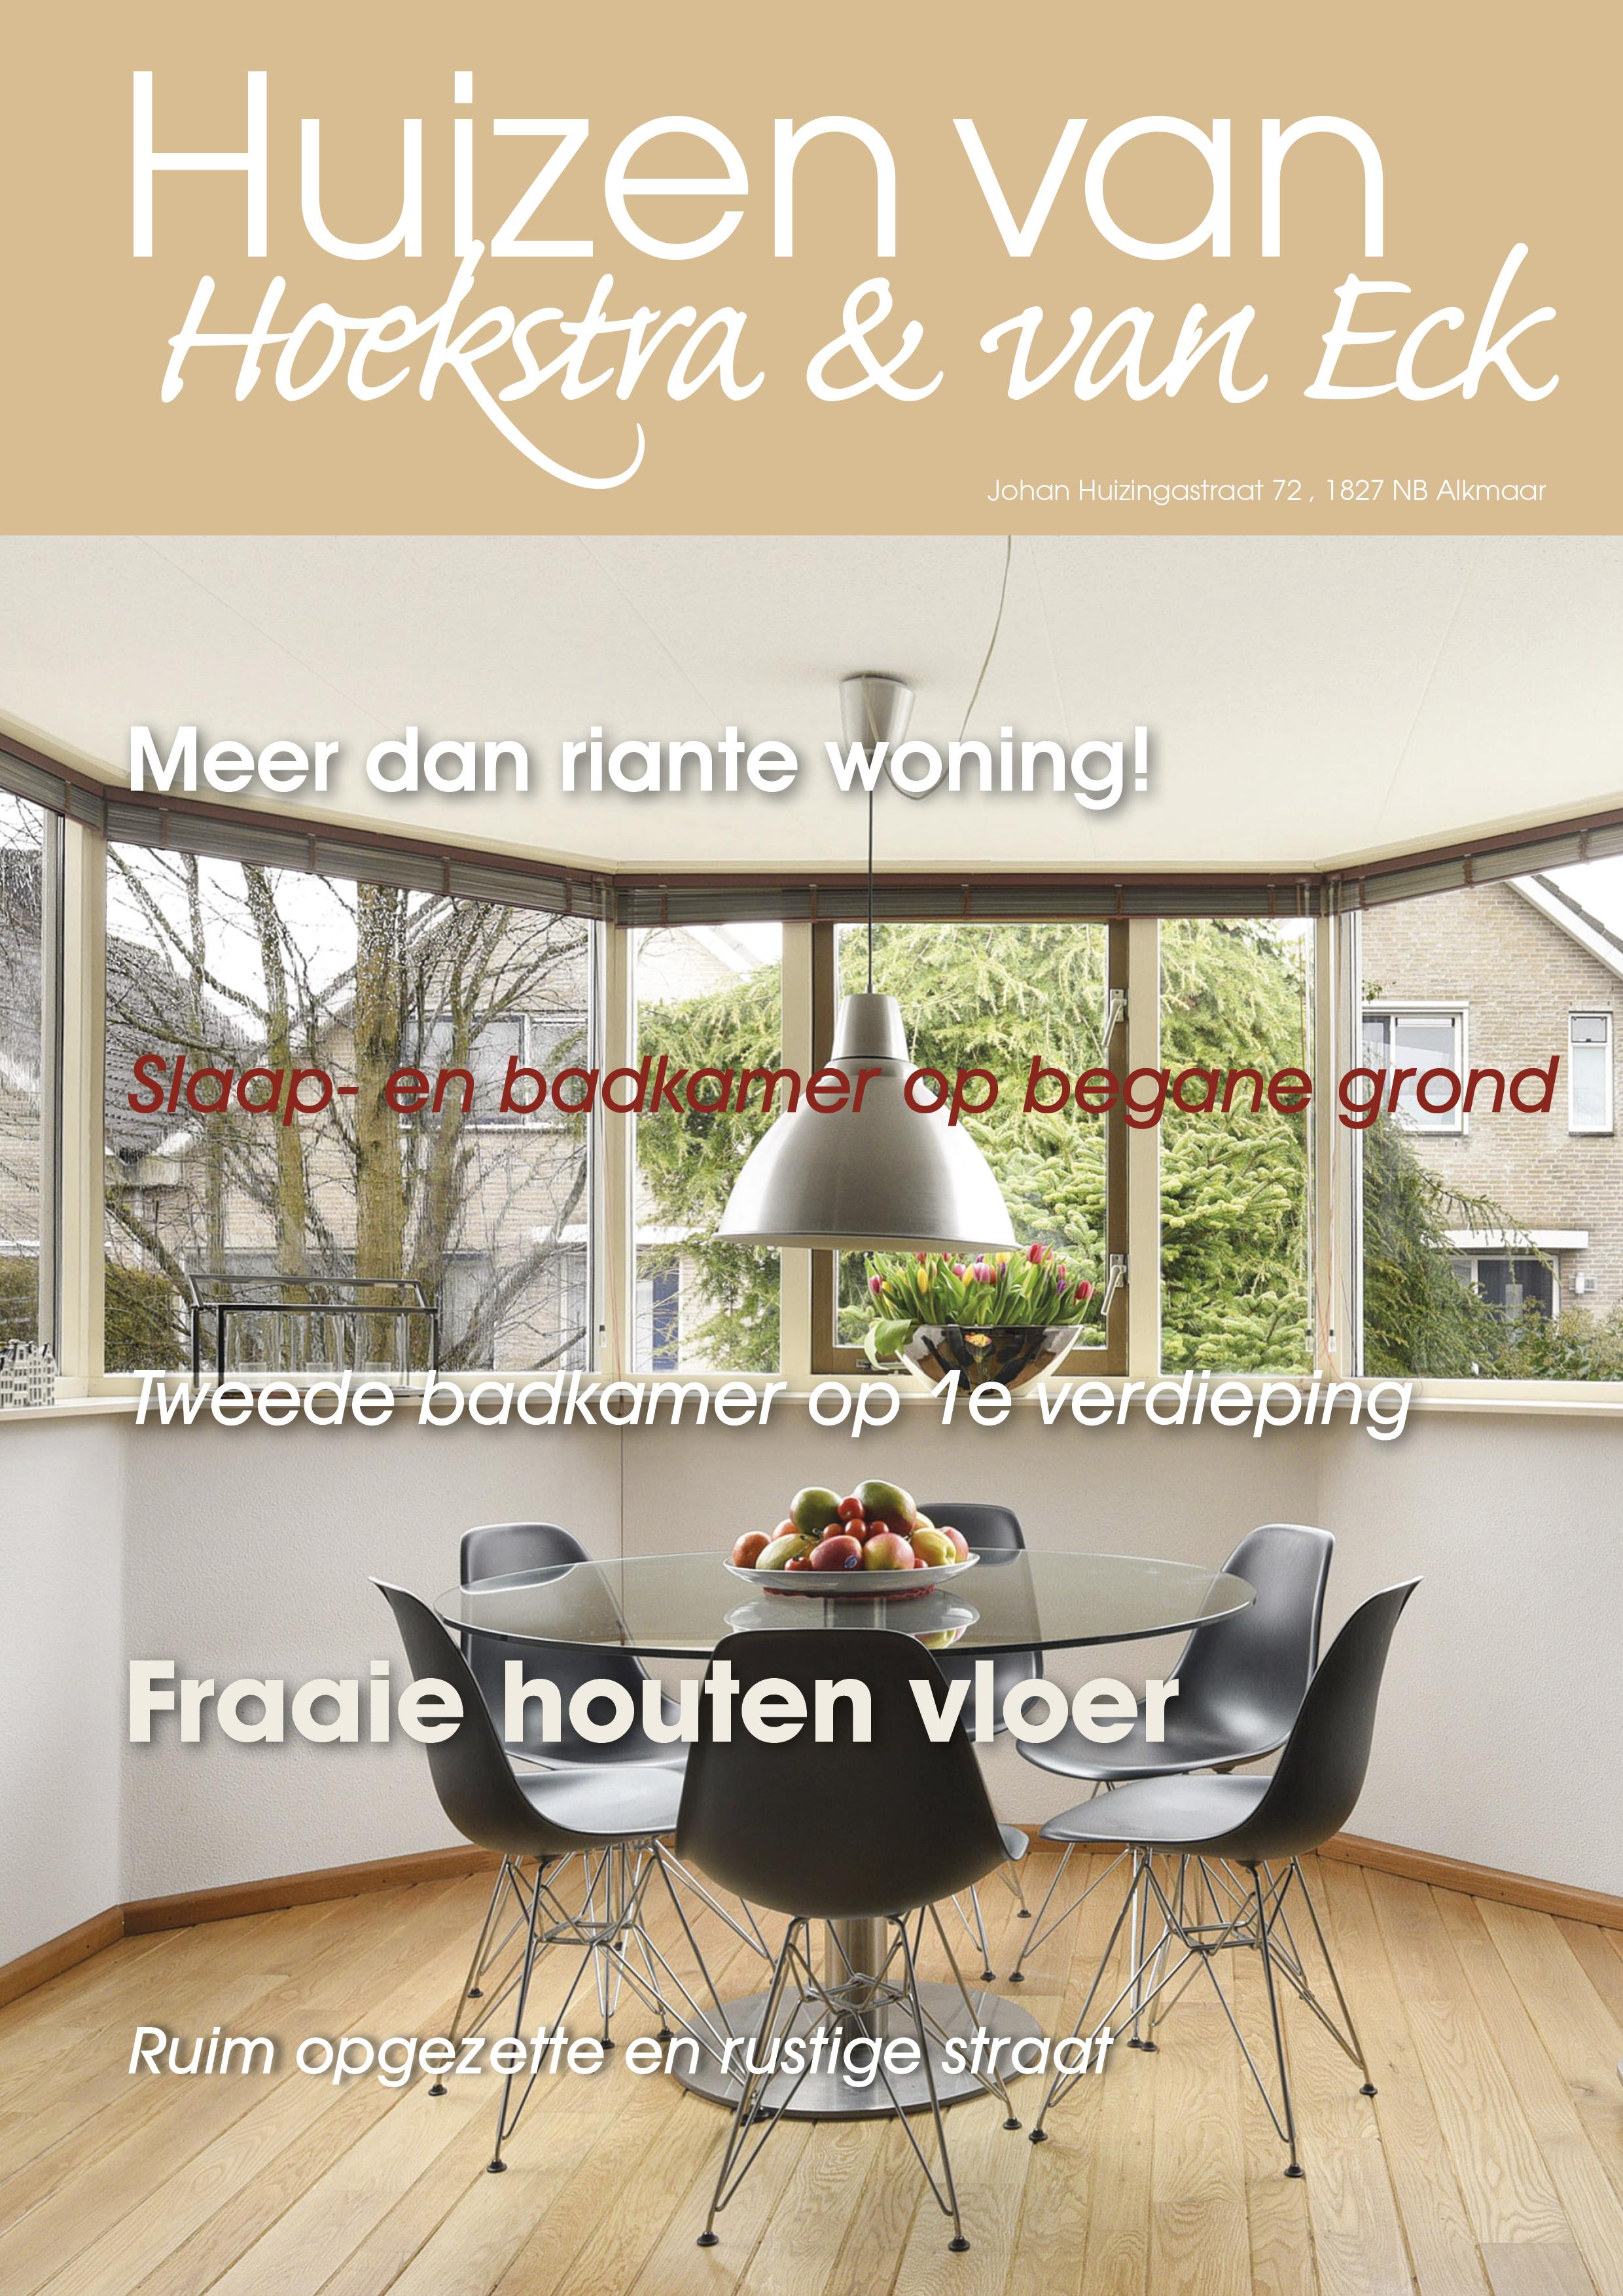 Te koop: Johan Huizingastraat 72, Alkmaar - Hoekstra en van Eck